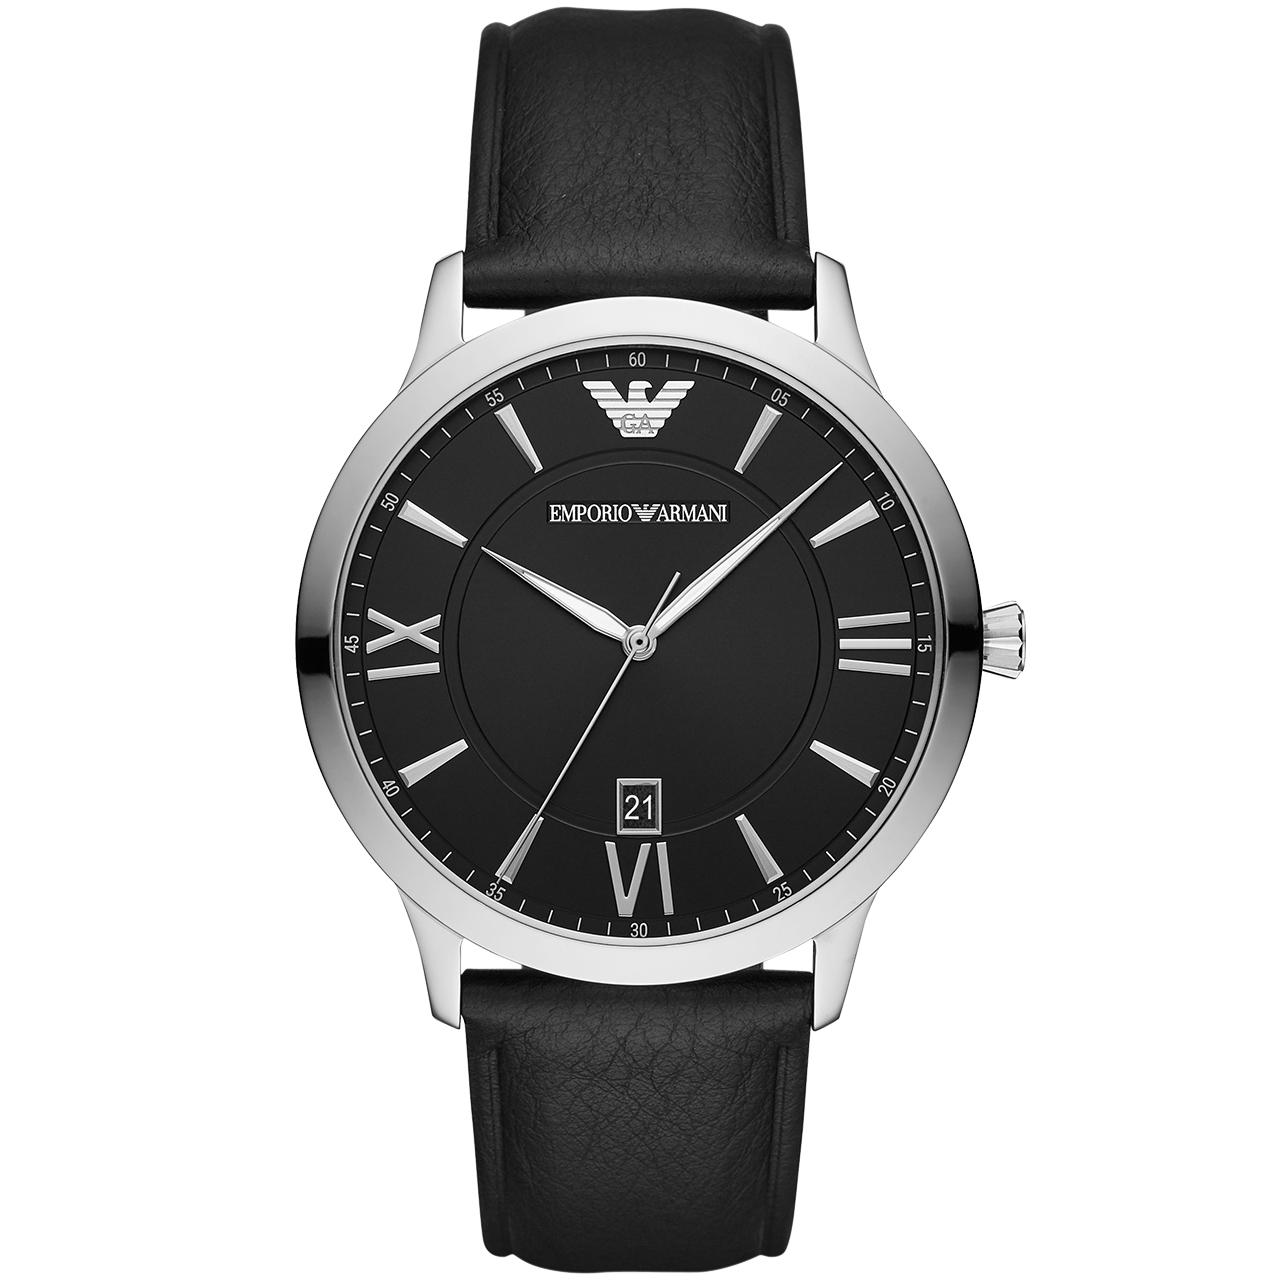 Armani阿玛尼复古风黑色皮带手表男时尚腕表防水新款男表AR11210